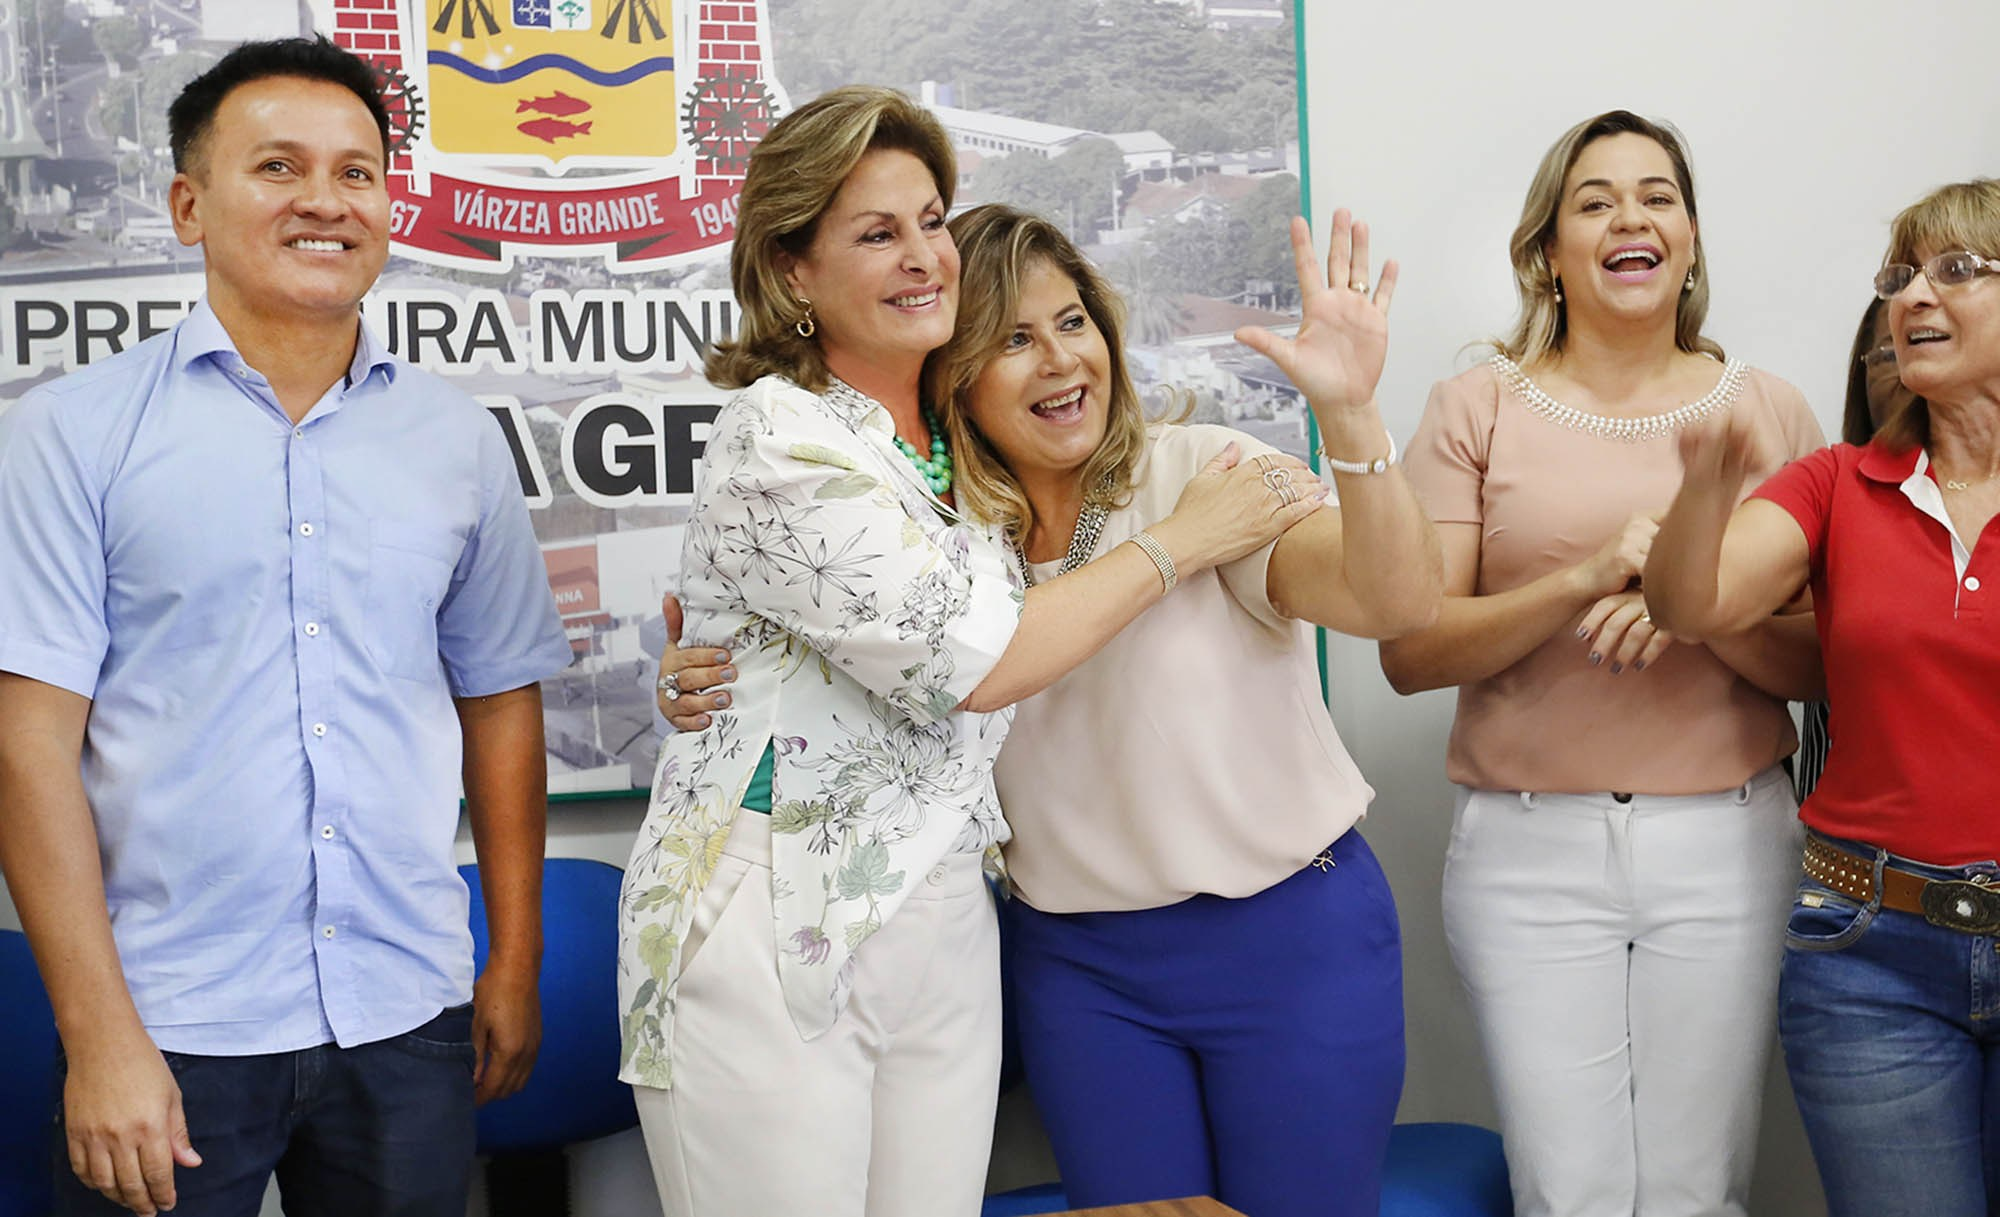 Várzea Grande : Flávia Omar assume Política Social para ampliar ações de qualidade de vida